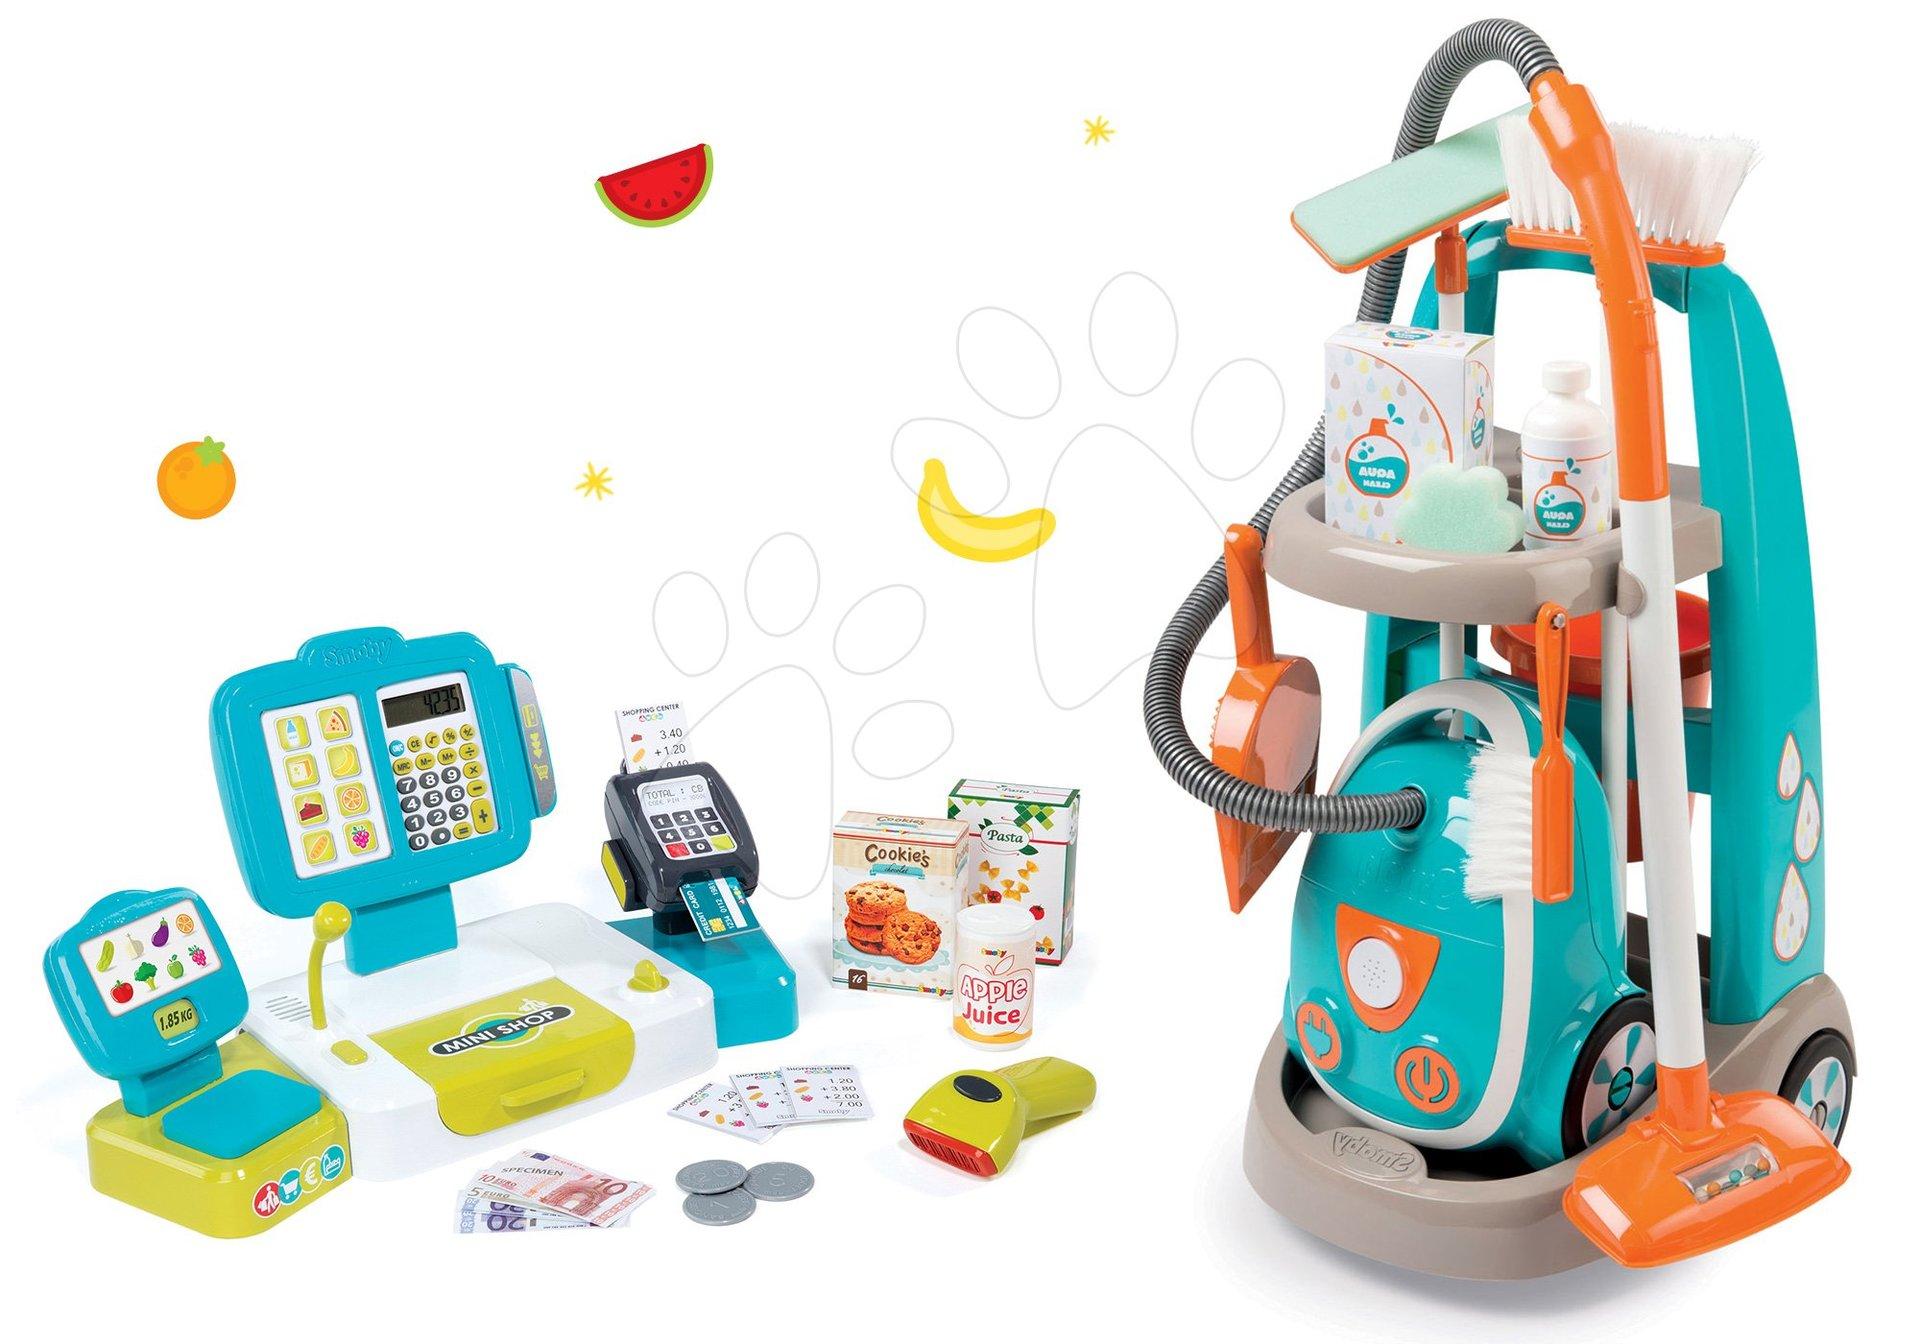 Hry na domácnost - Set úklidový vozík s elektronickým vysavačem Clean Smoby a elektronická pokladna s doplňky